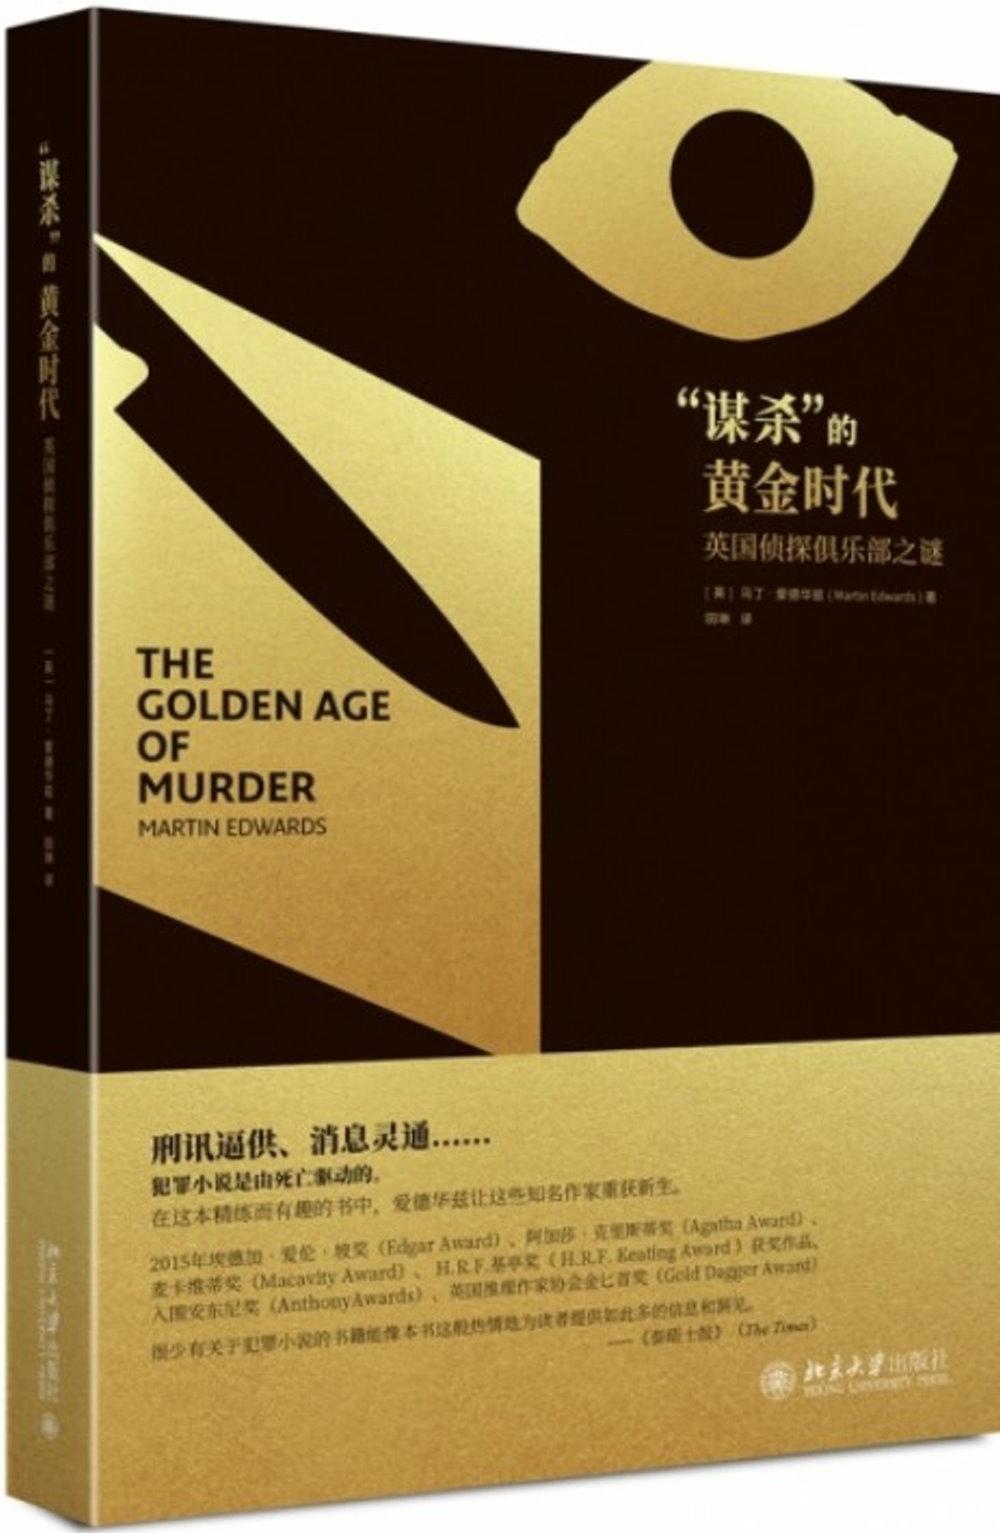 謀殺的黃金時代:英國偵探俱樂部之謎